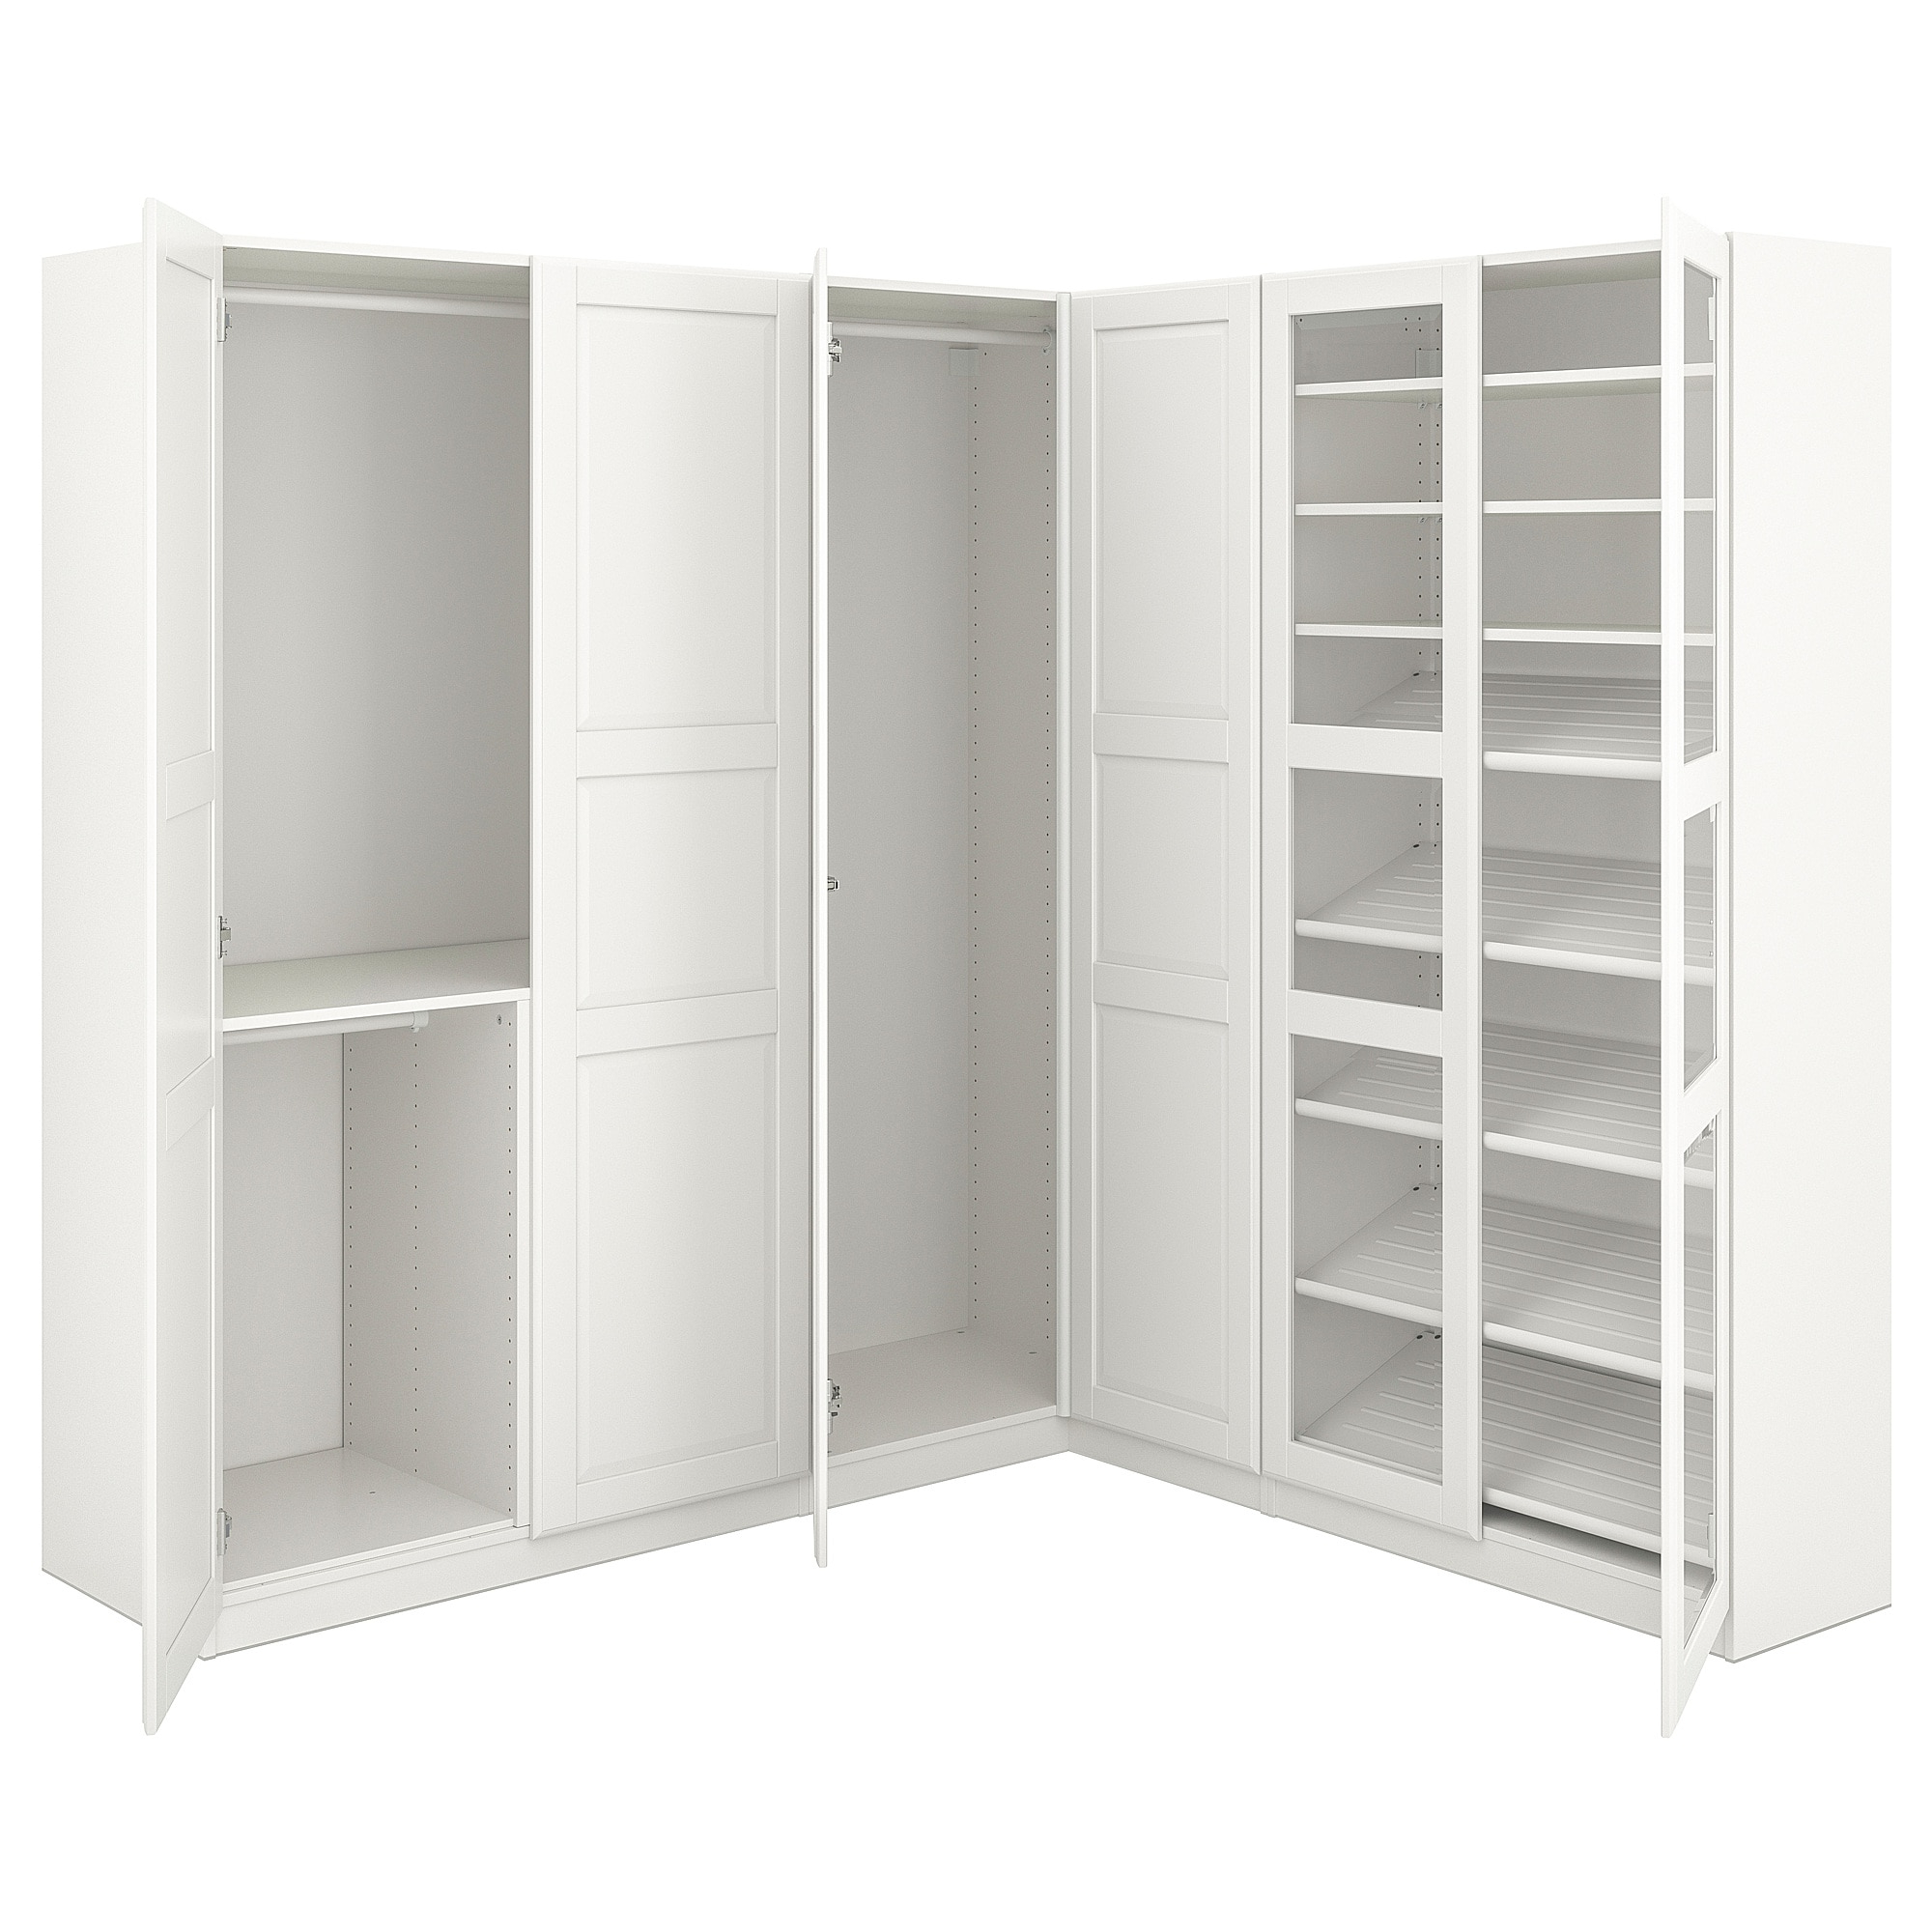 Ikea Armarios Esquineros 9ddf Pax Armario Esquina Blanco Tyssedal Tyssedal Vidrio 210 188 X 201 Cm